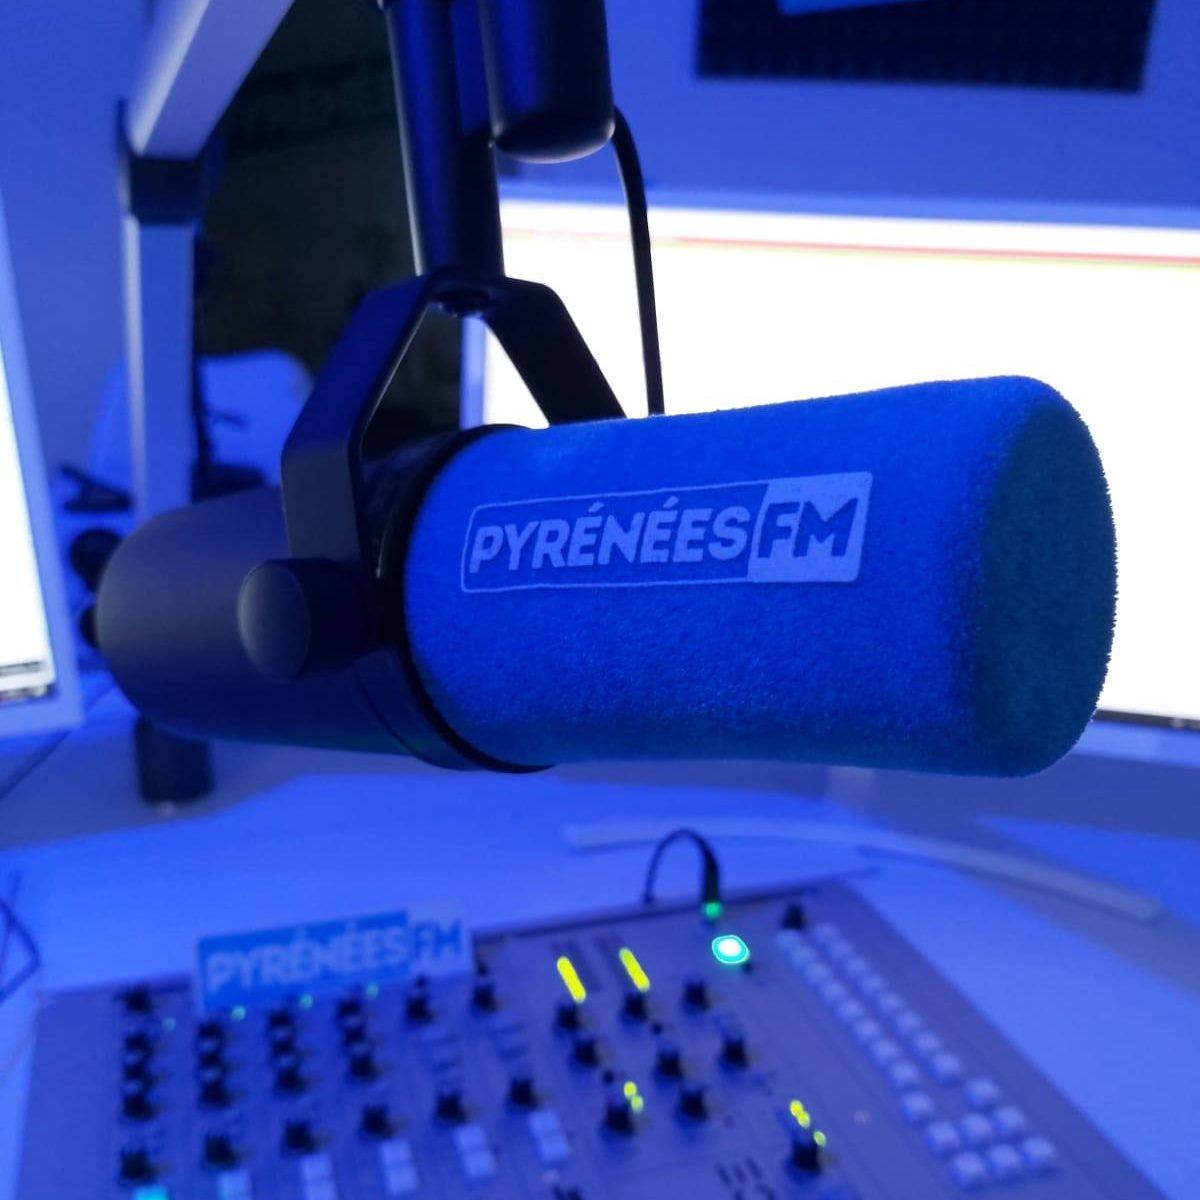 Covid-19 : Pyrénées FM continue d'informer et de distraire